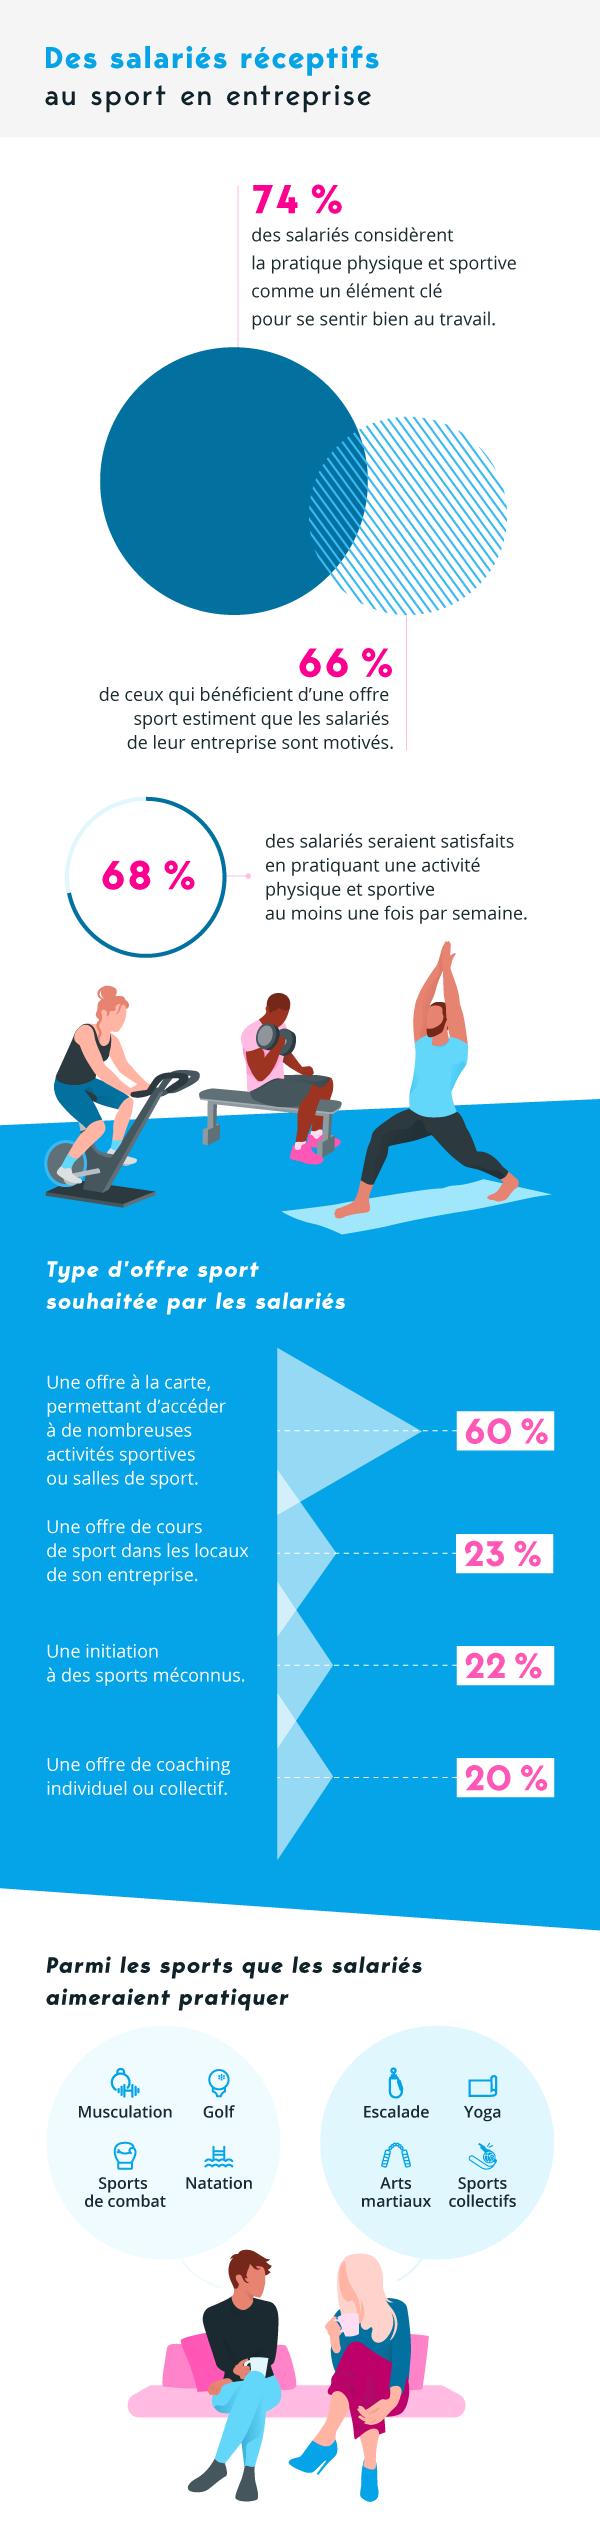 Des salariés réceptifs au sport en entreprise